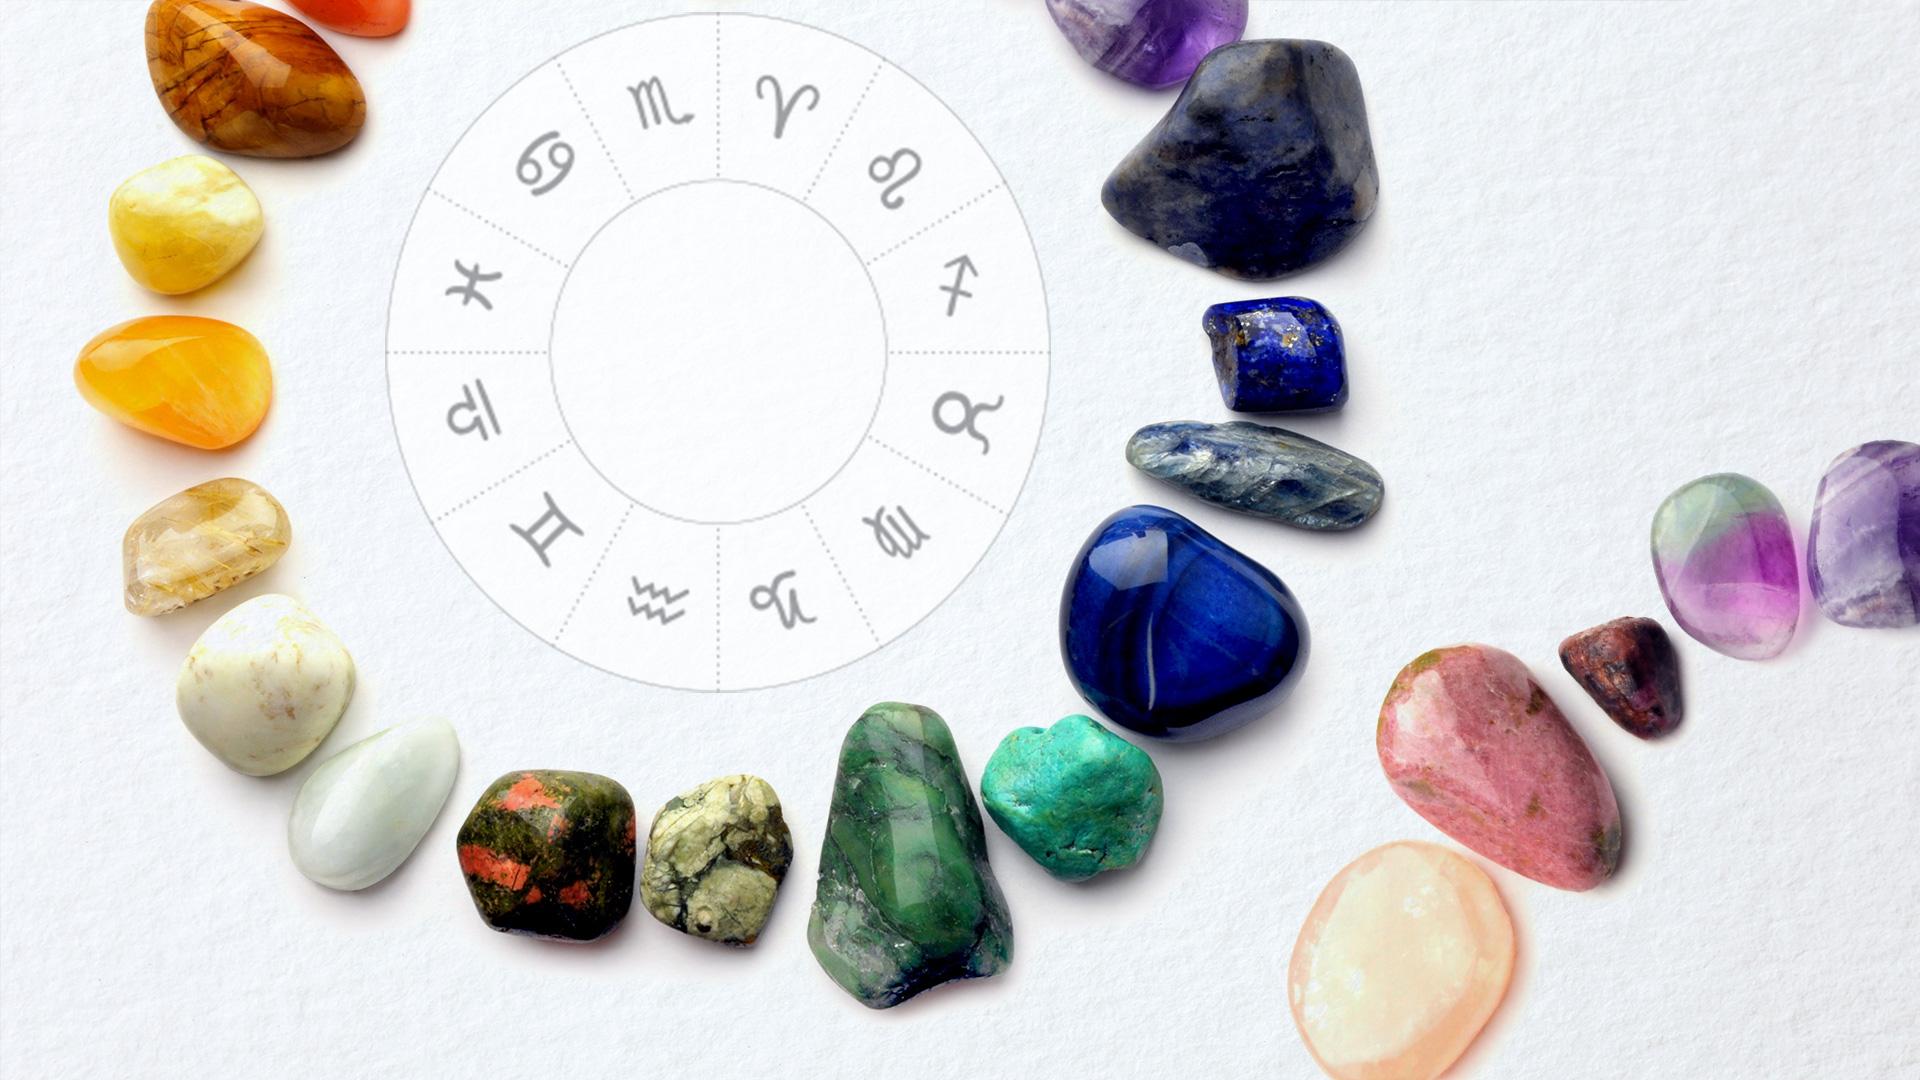 камни для привлечения любви по знаку зодиака